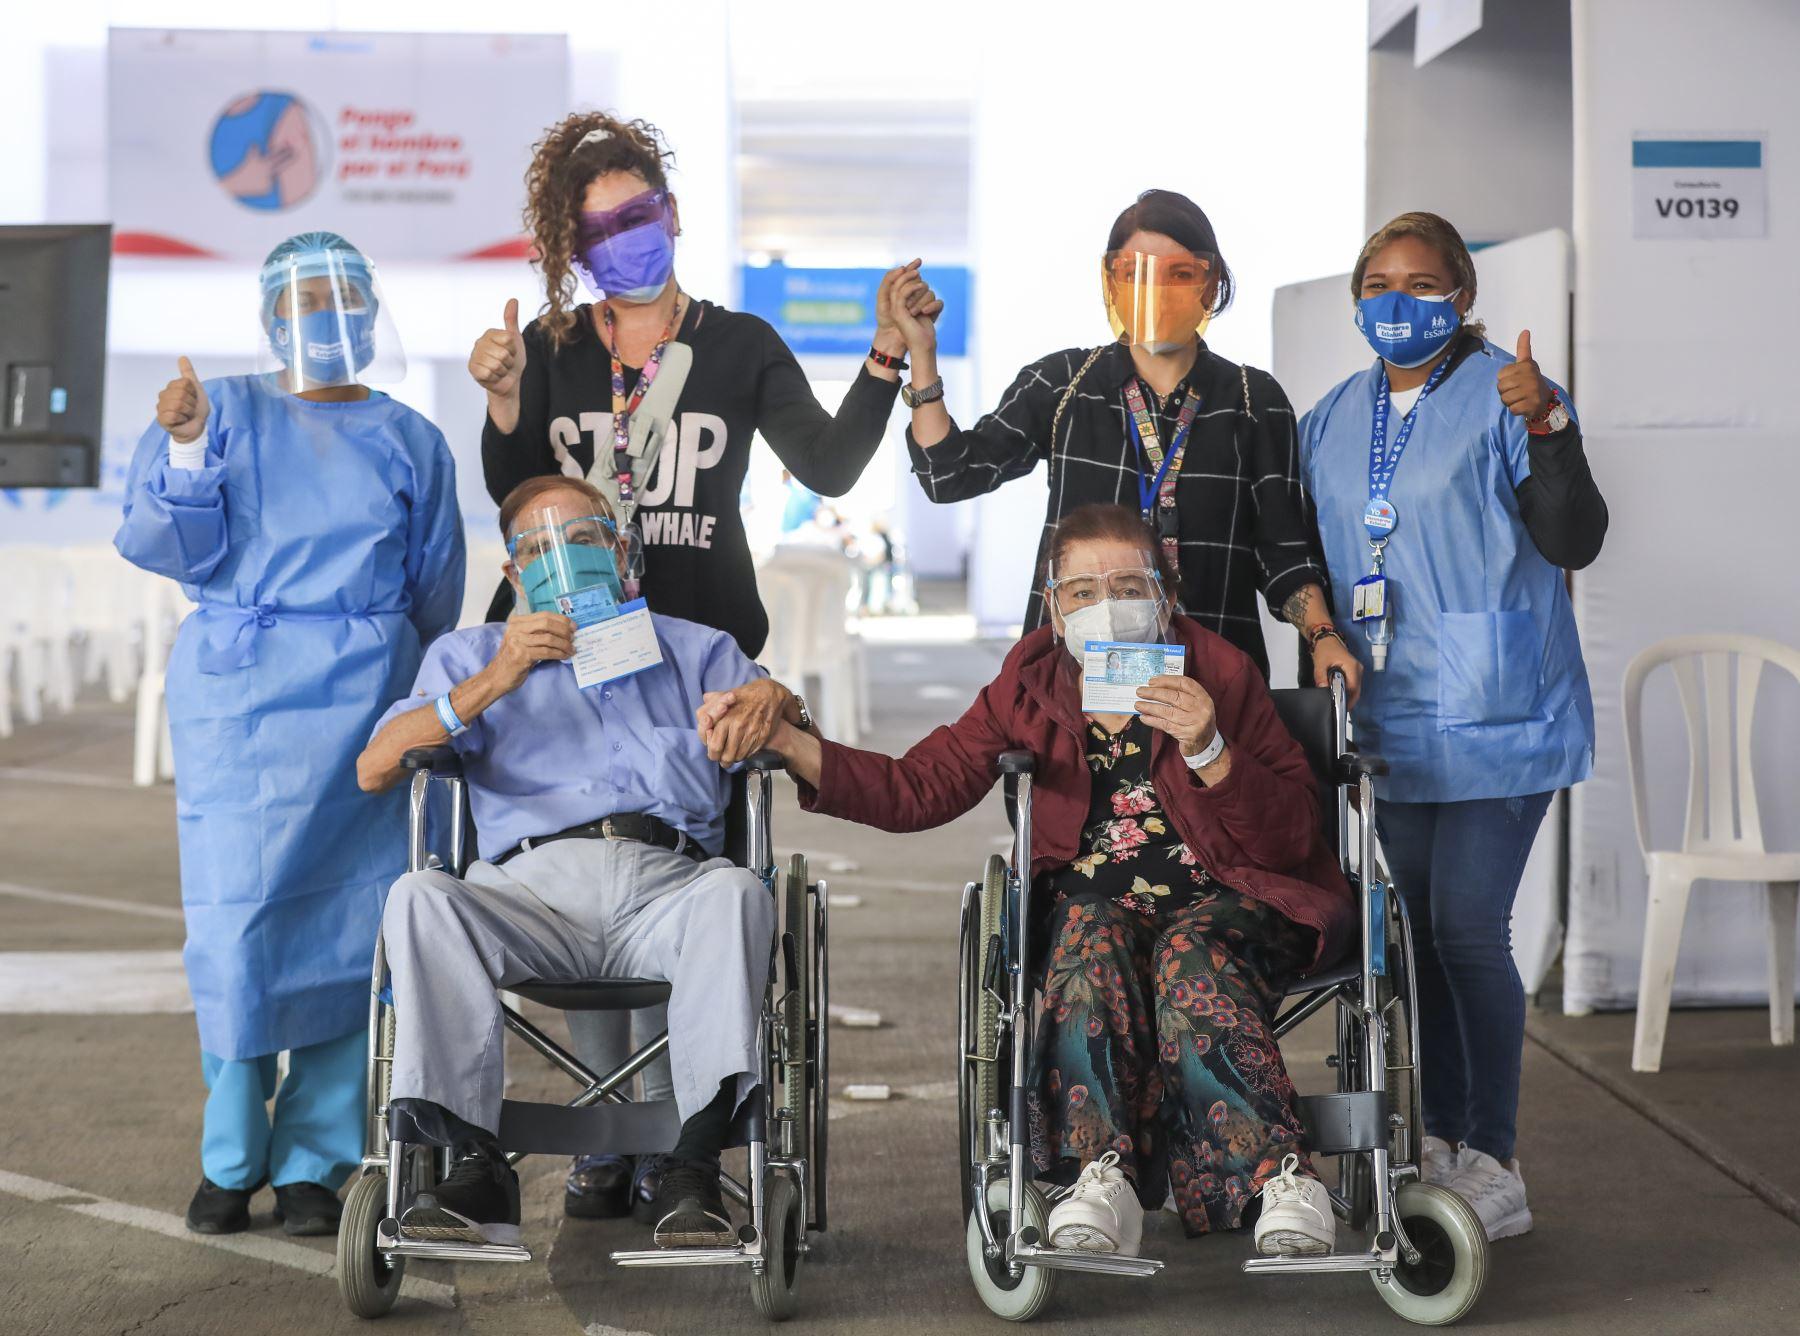 """Essalud continúa con jornada de vacunación a adultos mayores en cinco lugares acondicionados: """"Playa Miller"""", """"Polideportivo de San Borja"""", """"Real Felipe"""", """"Plaza Norte"""" y """"Parque de las Leyendas"""". Foto: ANDINA/Essalud"""